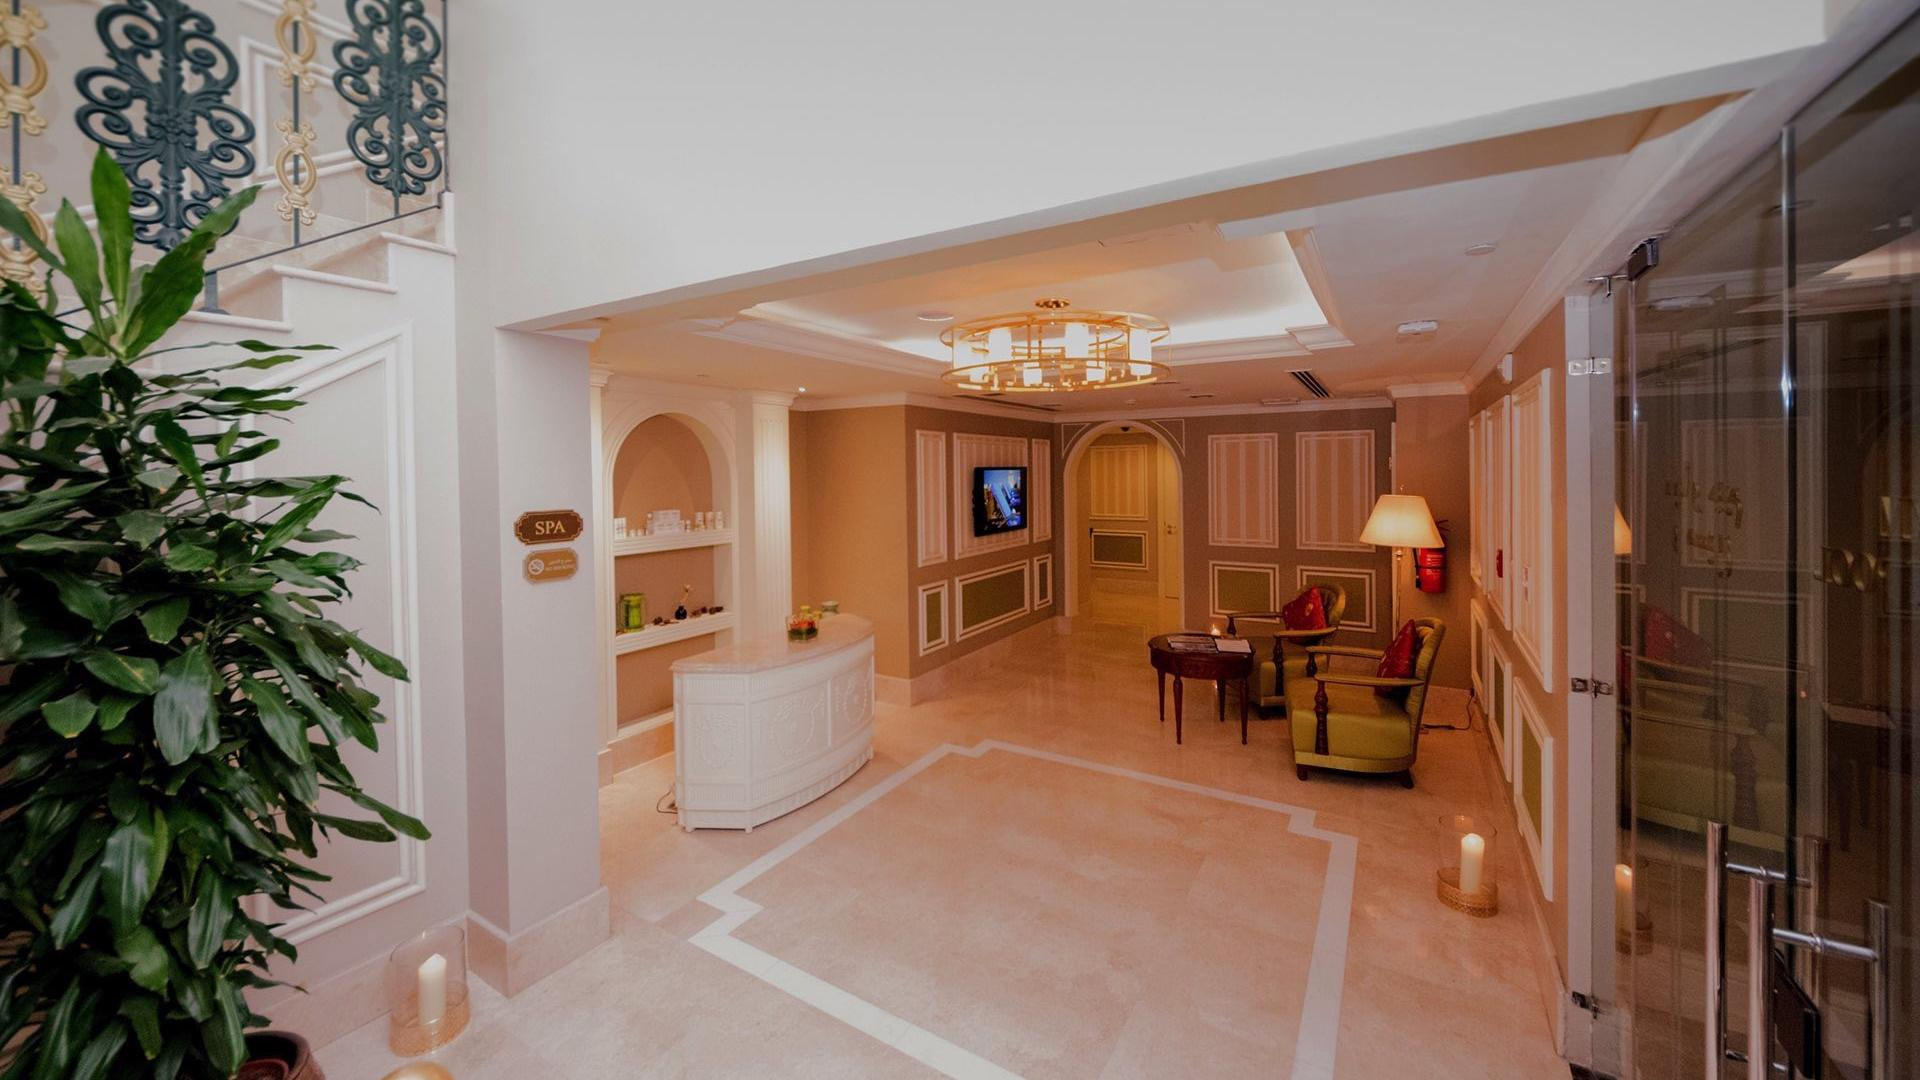 Spa Reception at Warwick Doha